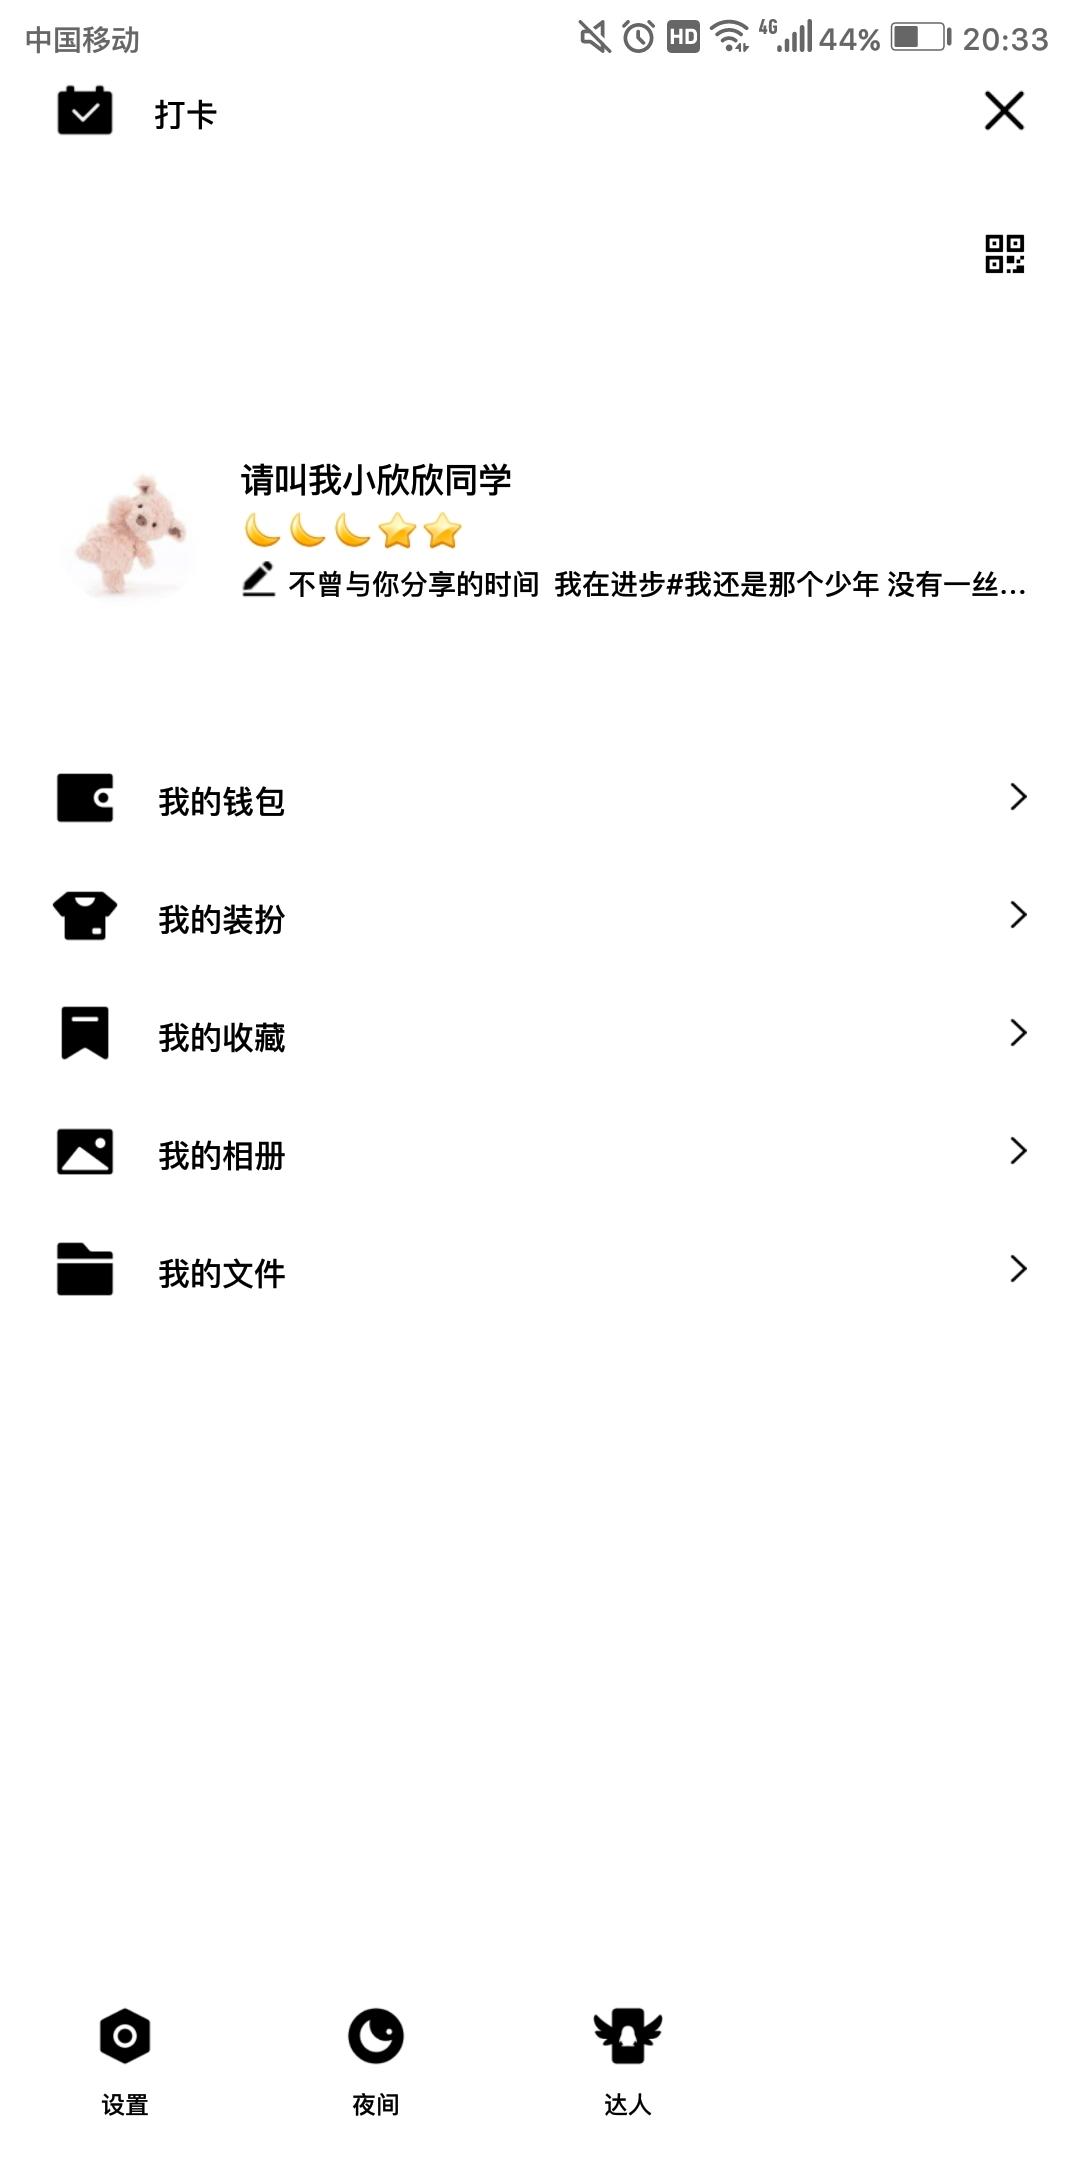 Screenshot_20200515-203343.jpg